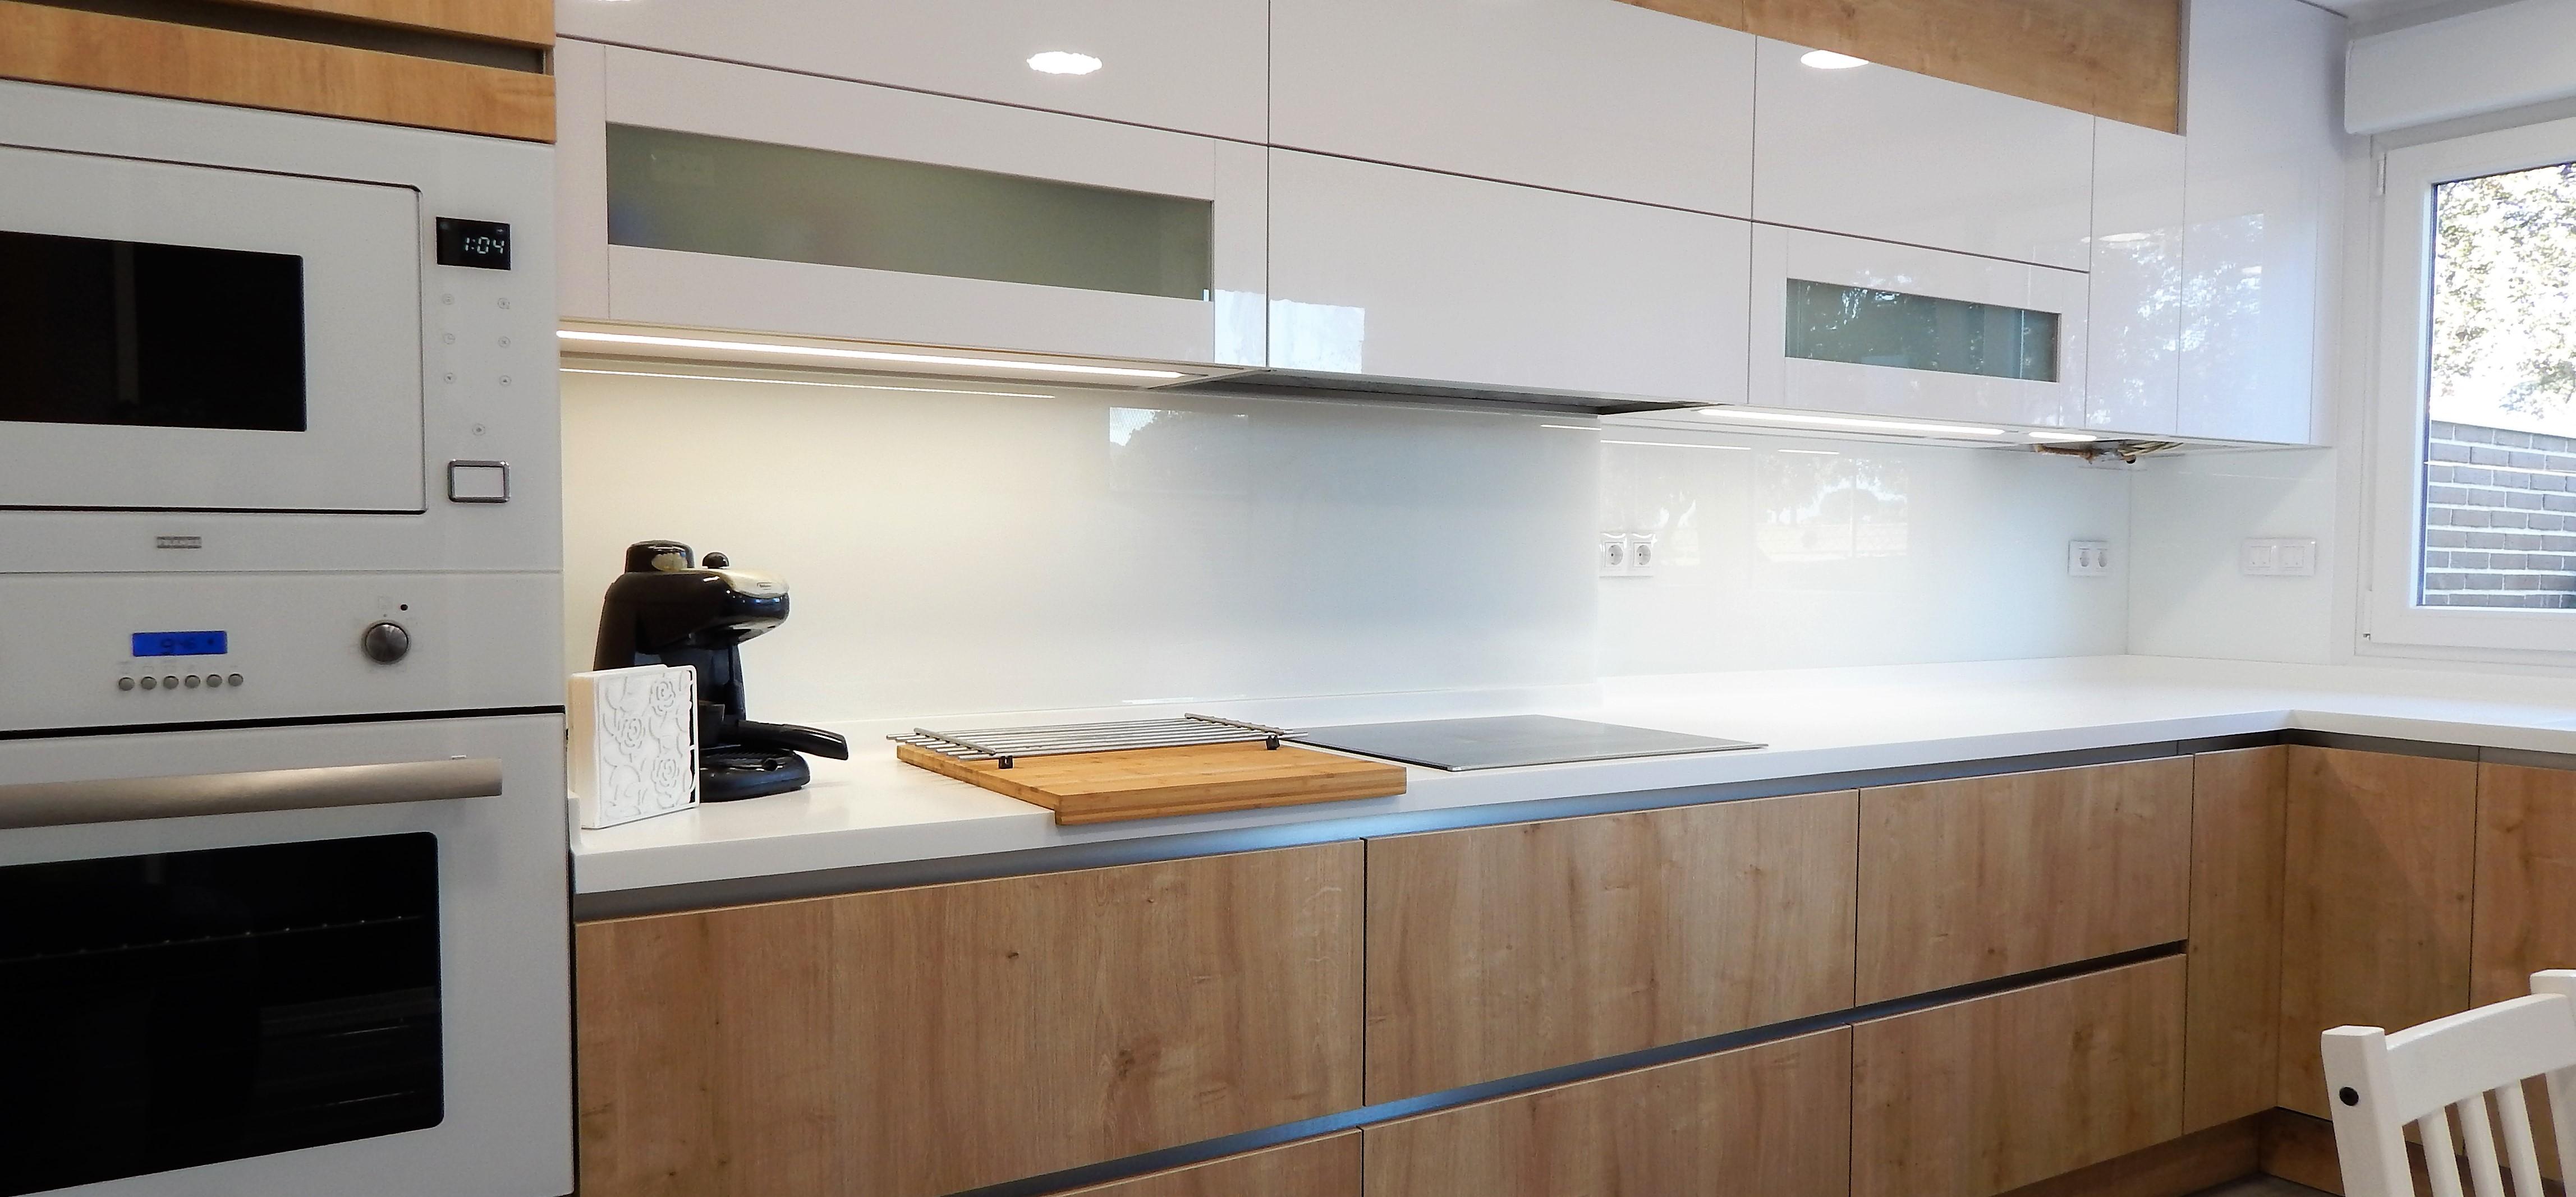 Muebles de cocina en madera de roble y blanco for Muebles cocina madera